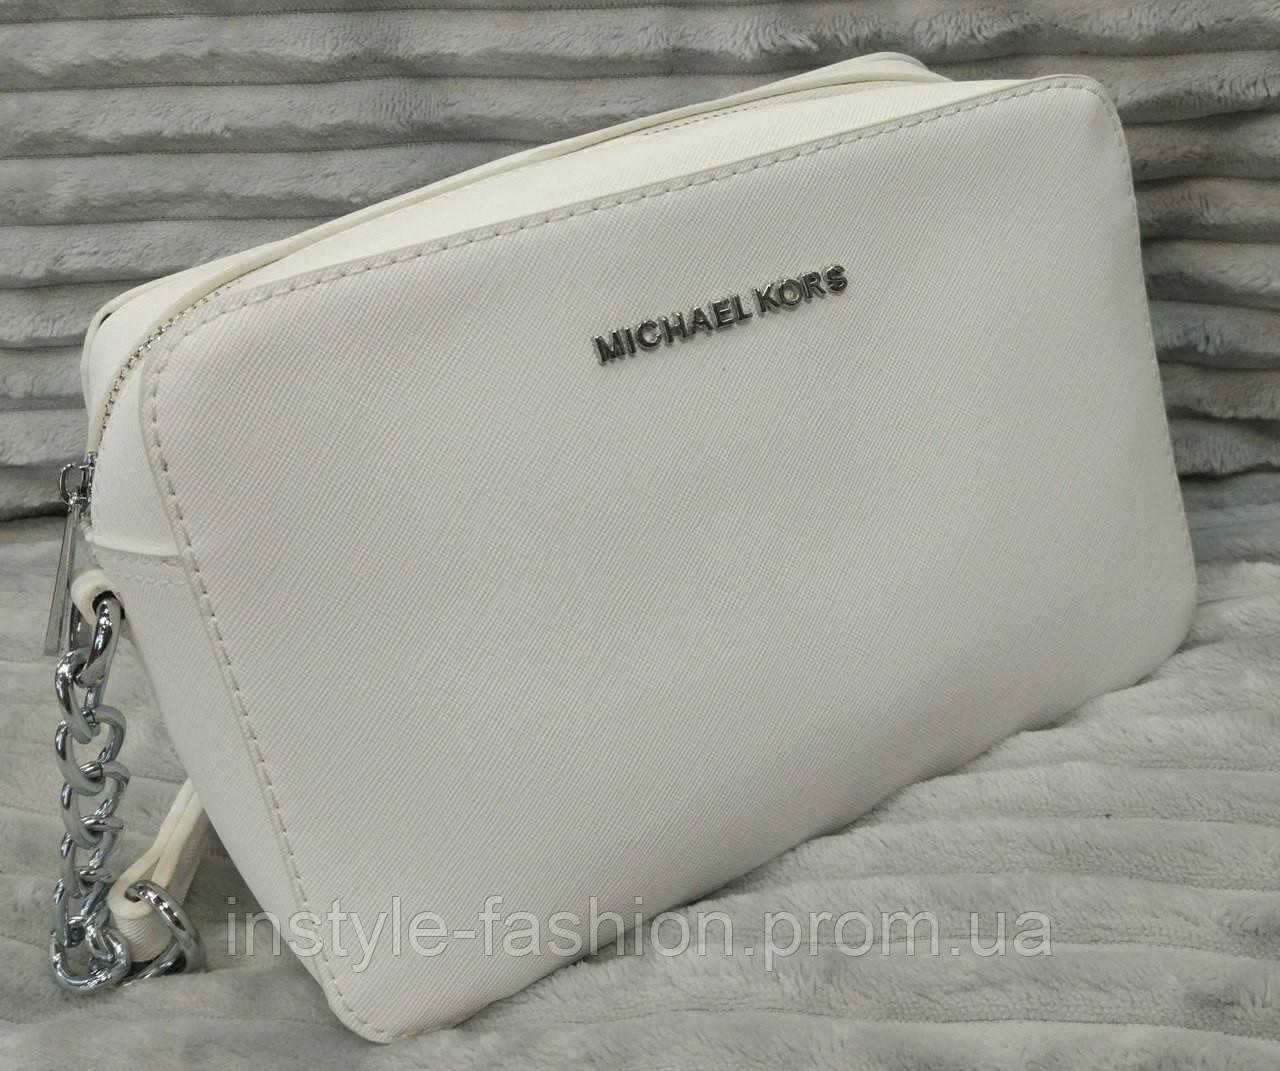 Сумка клатч Michael kors MICHAEL KORS через плечо белая